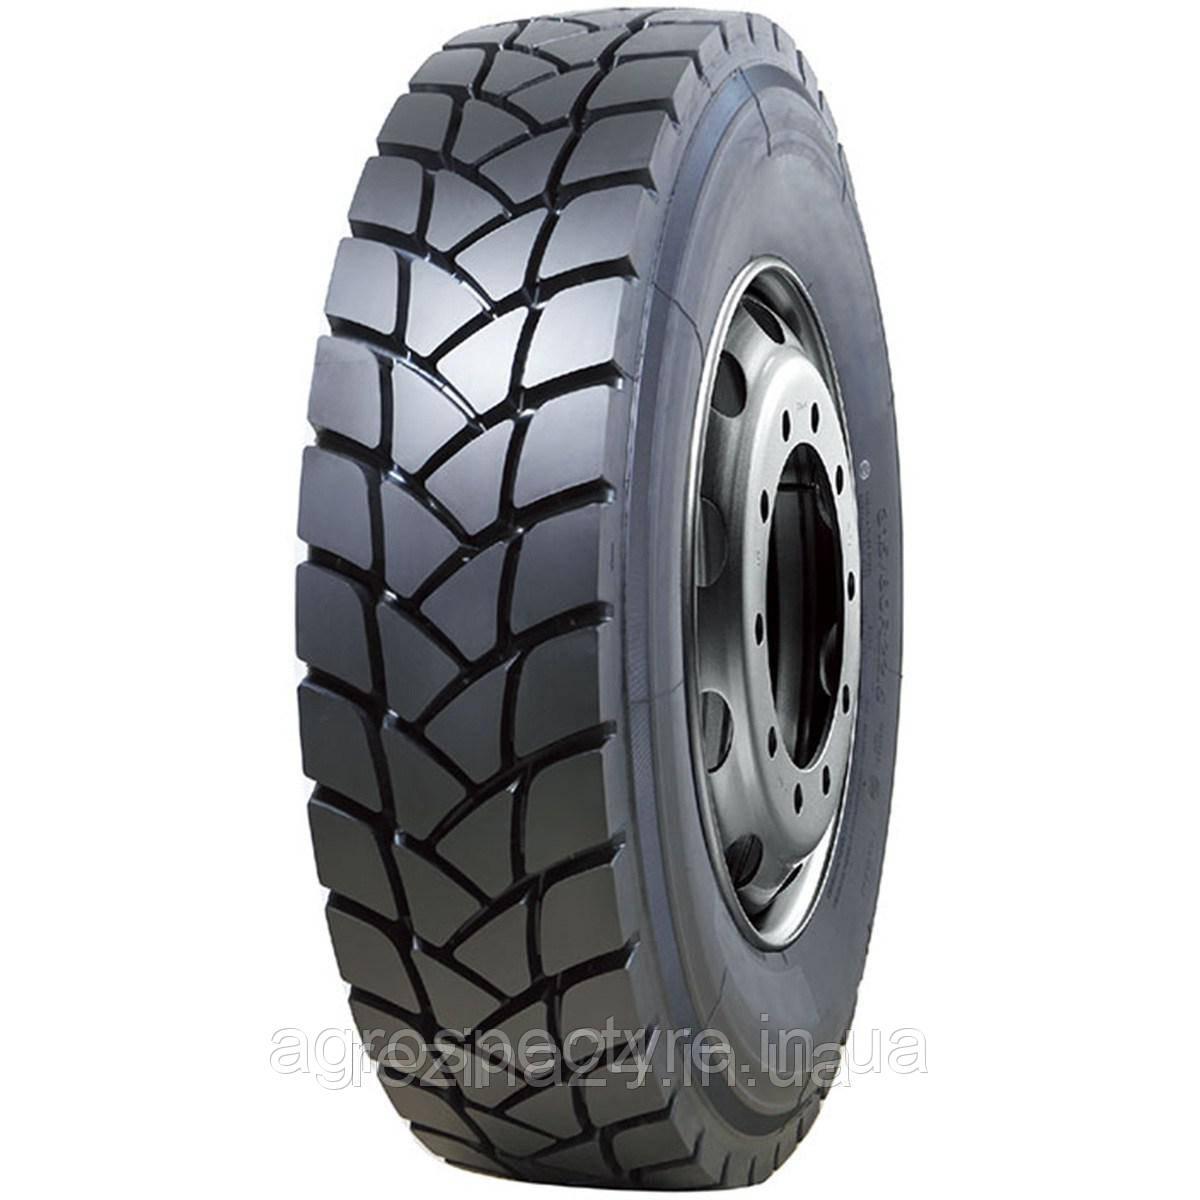 Грузовая шина 13R22,5 (pr20) HF768 SUNFULL ведущая ось